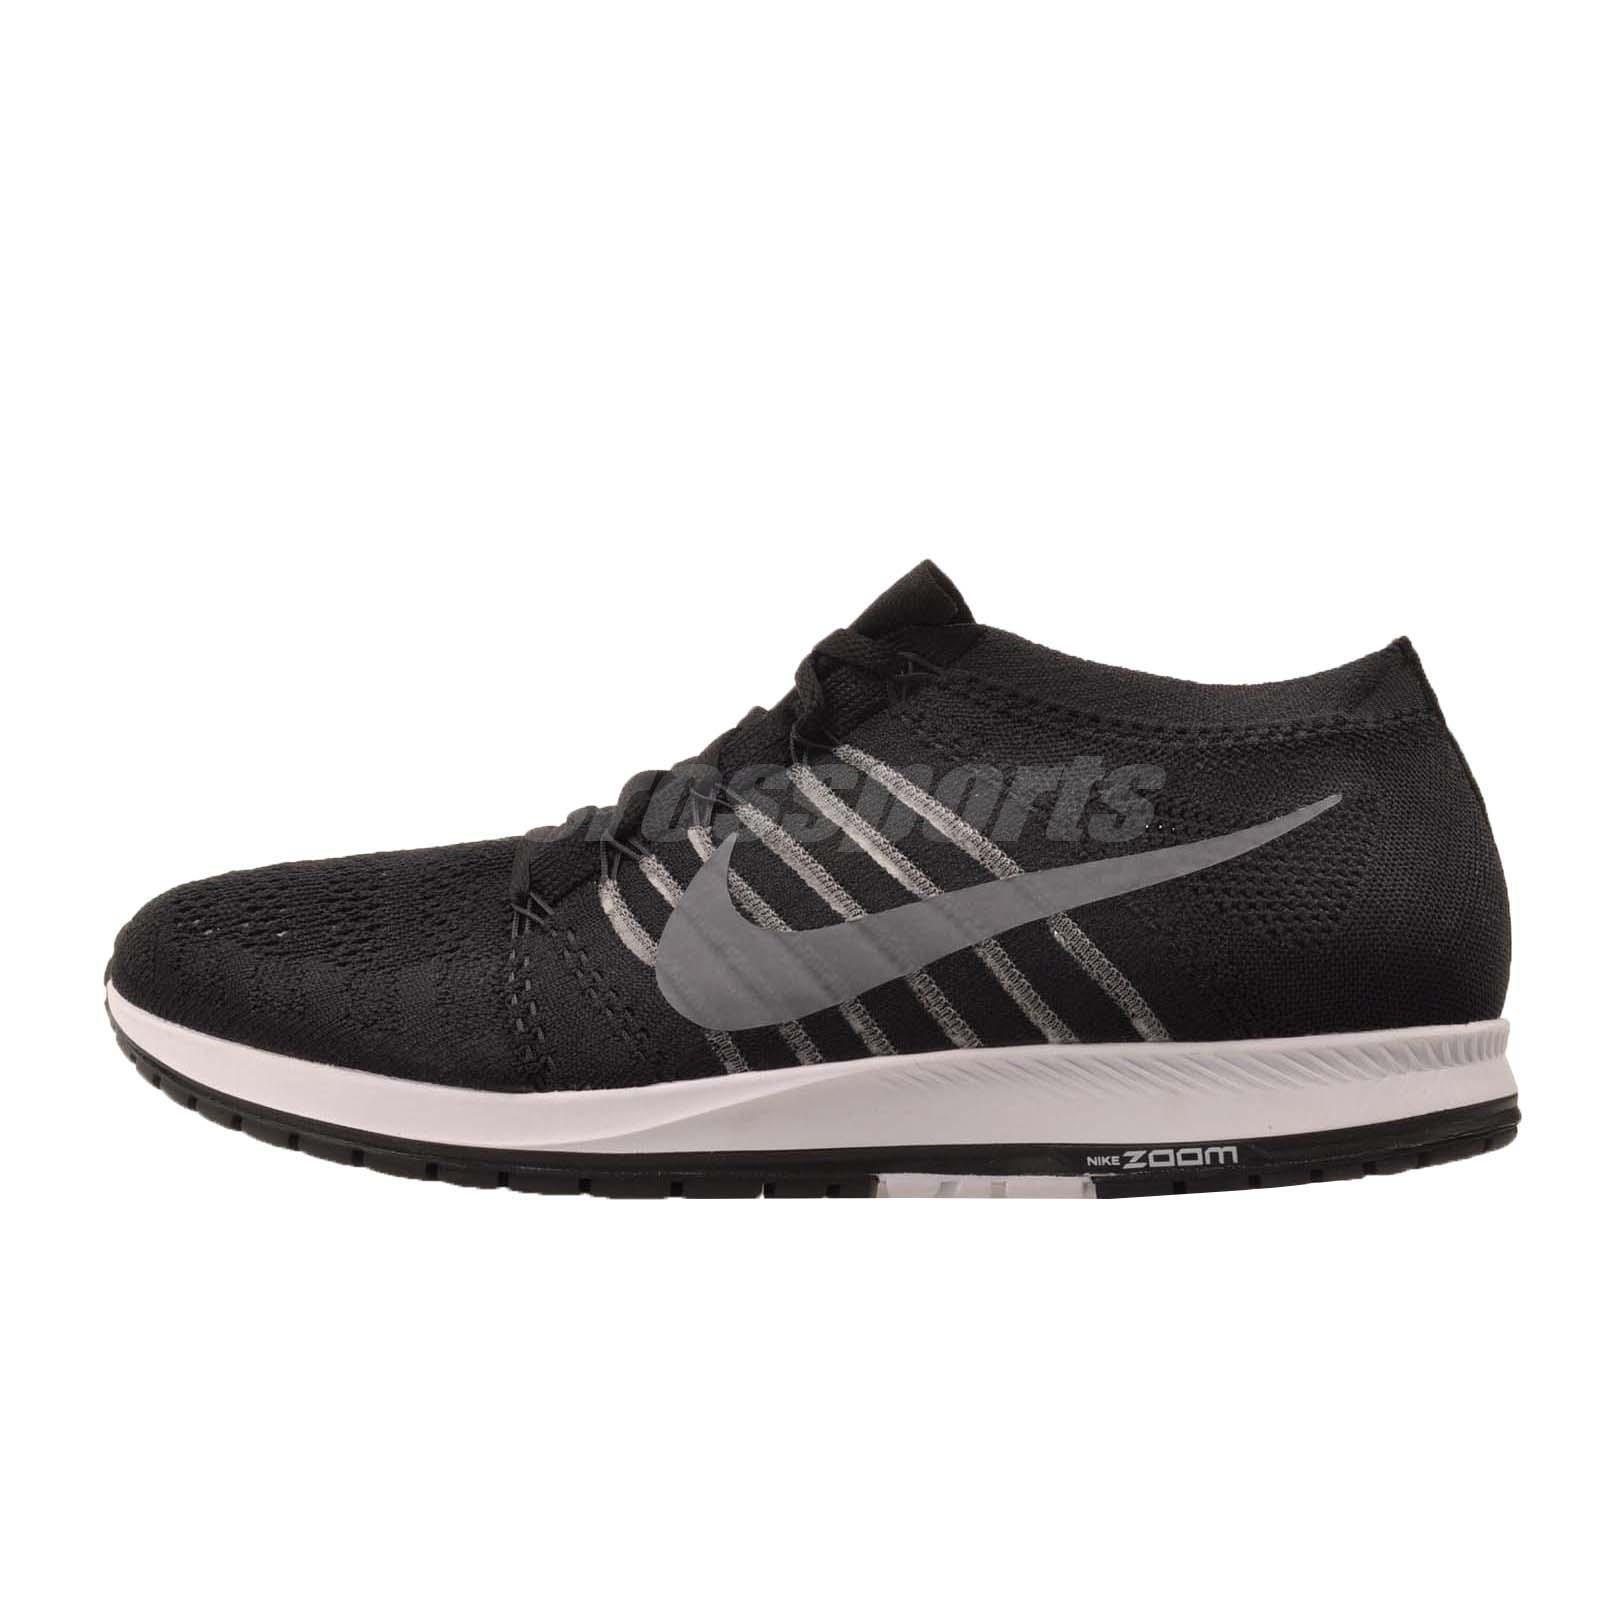 N i k e Flyknit Streak Running Mens Shoes Black Grey White 835994-010